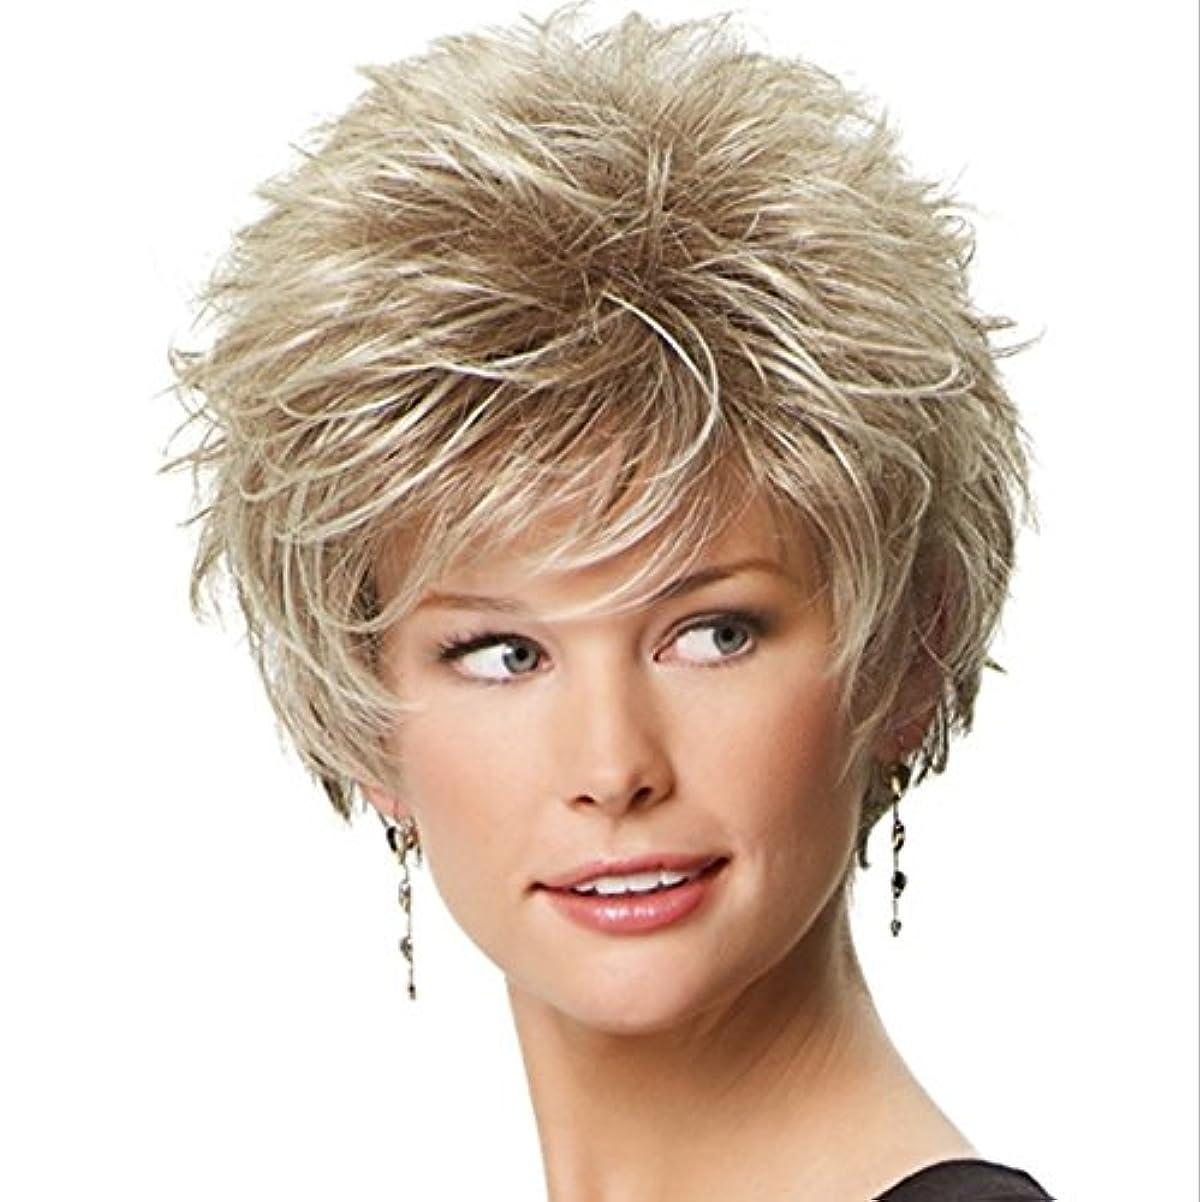 トランスミッションメリー崩壊BOBIDYEE 女性用エレガントウィッグショートカーリーヘアウィッグ前髪かつら耐熱ふわふわウィッグ10インチ/ 11インチ(グレーホワイト、ゴールデン)ファッションウィッグ (色 : Golden)